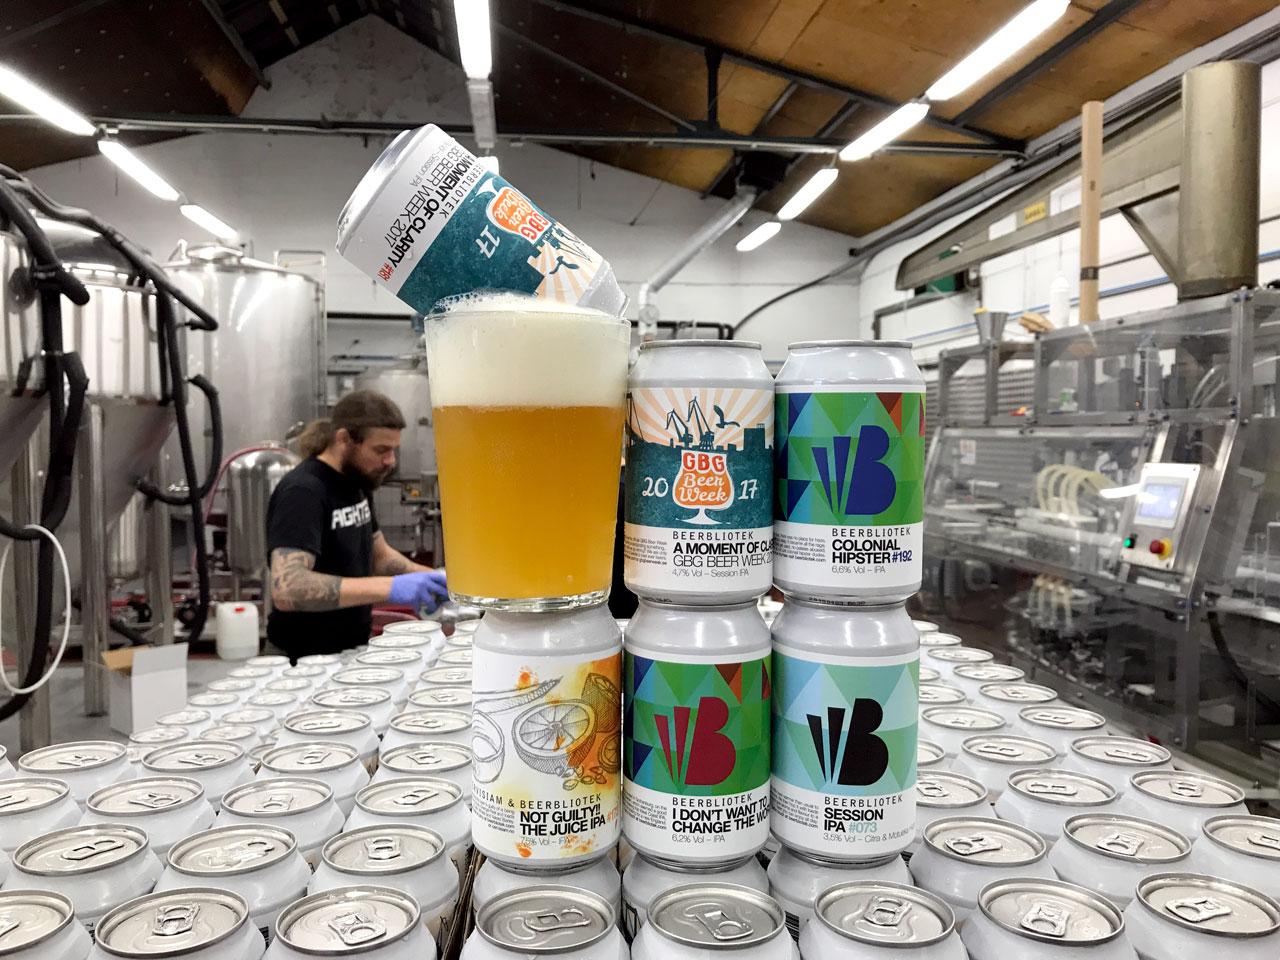 Fresh IPA cans from Beerbliotek Brewery.